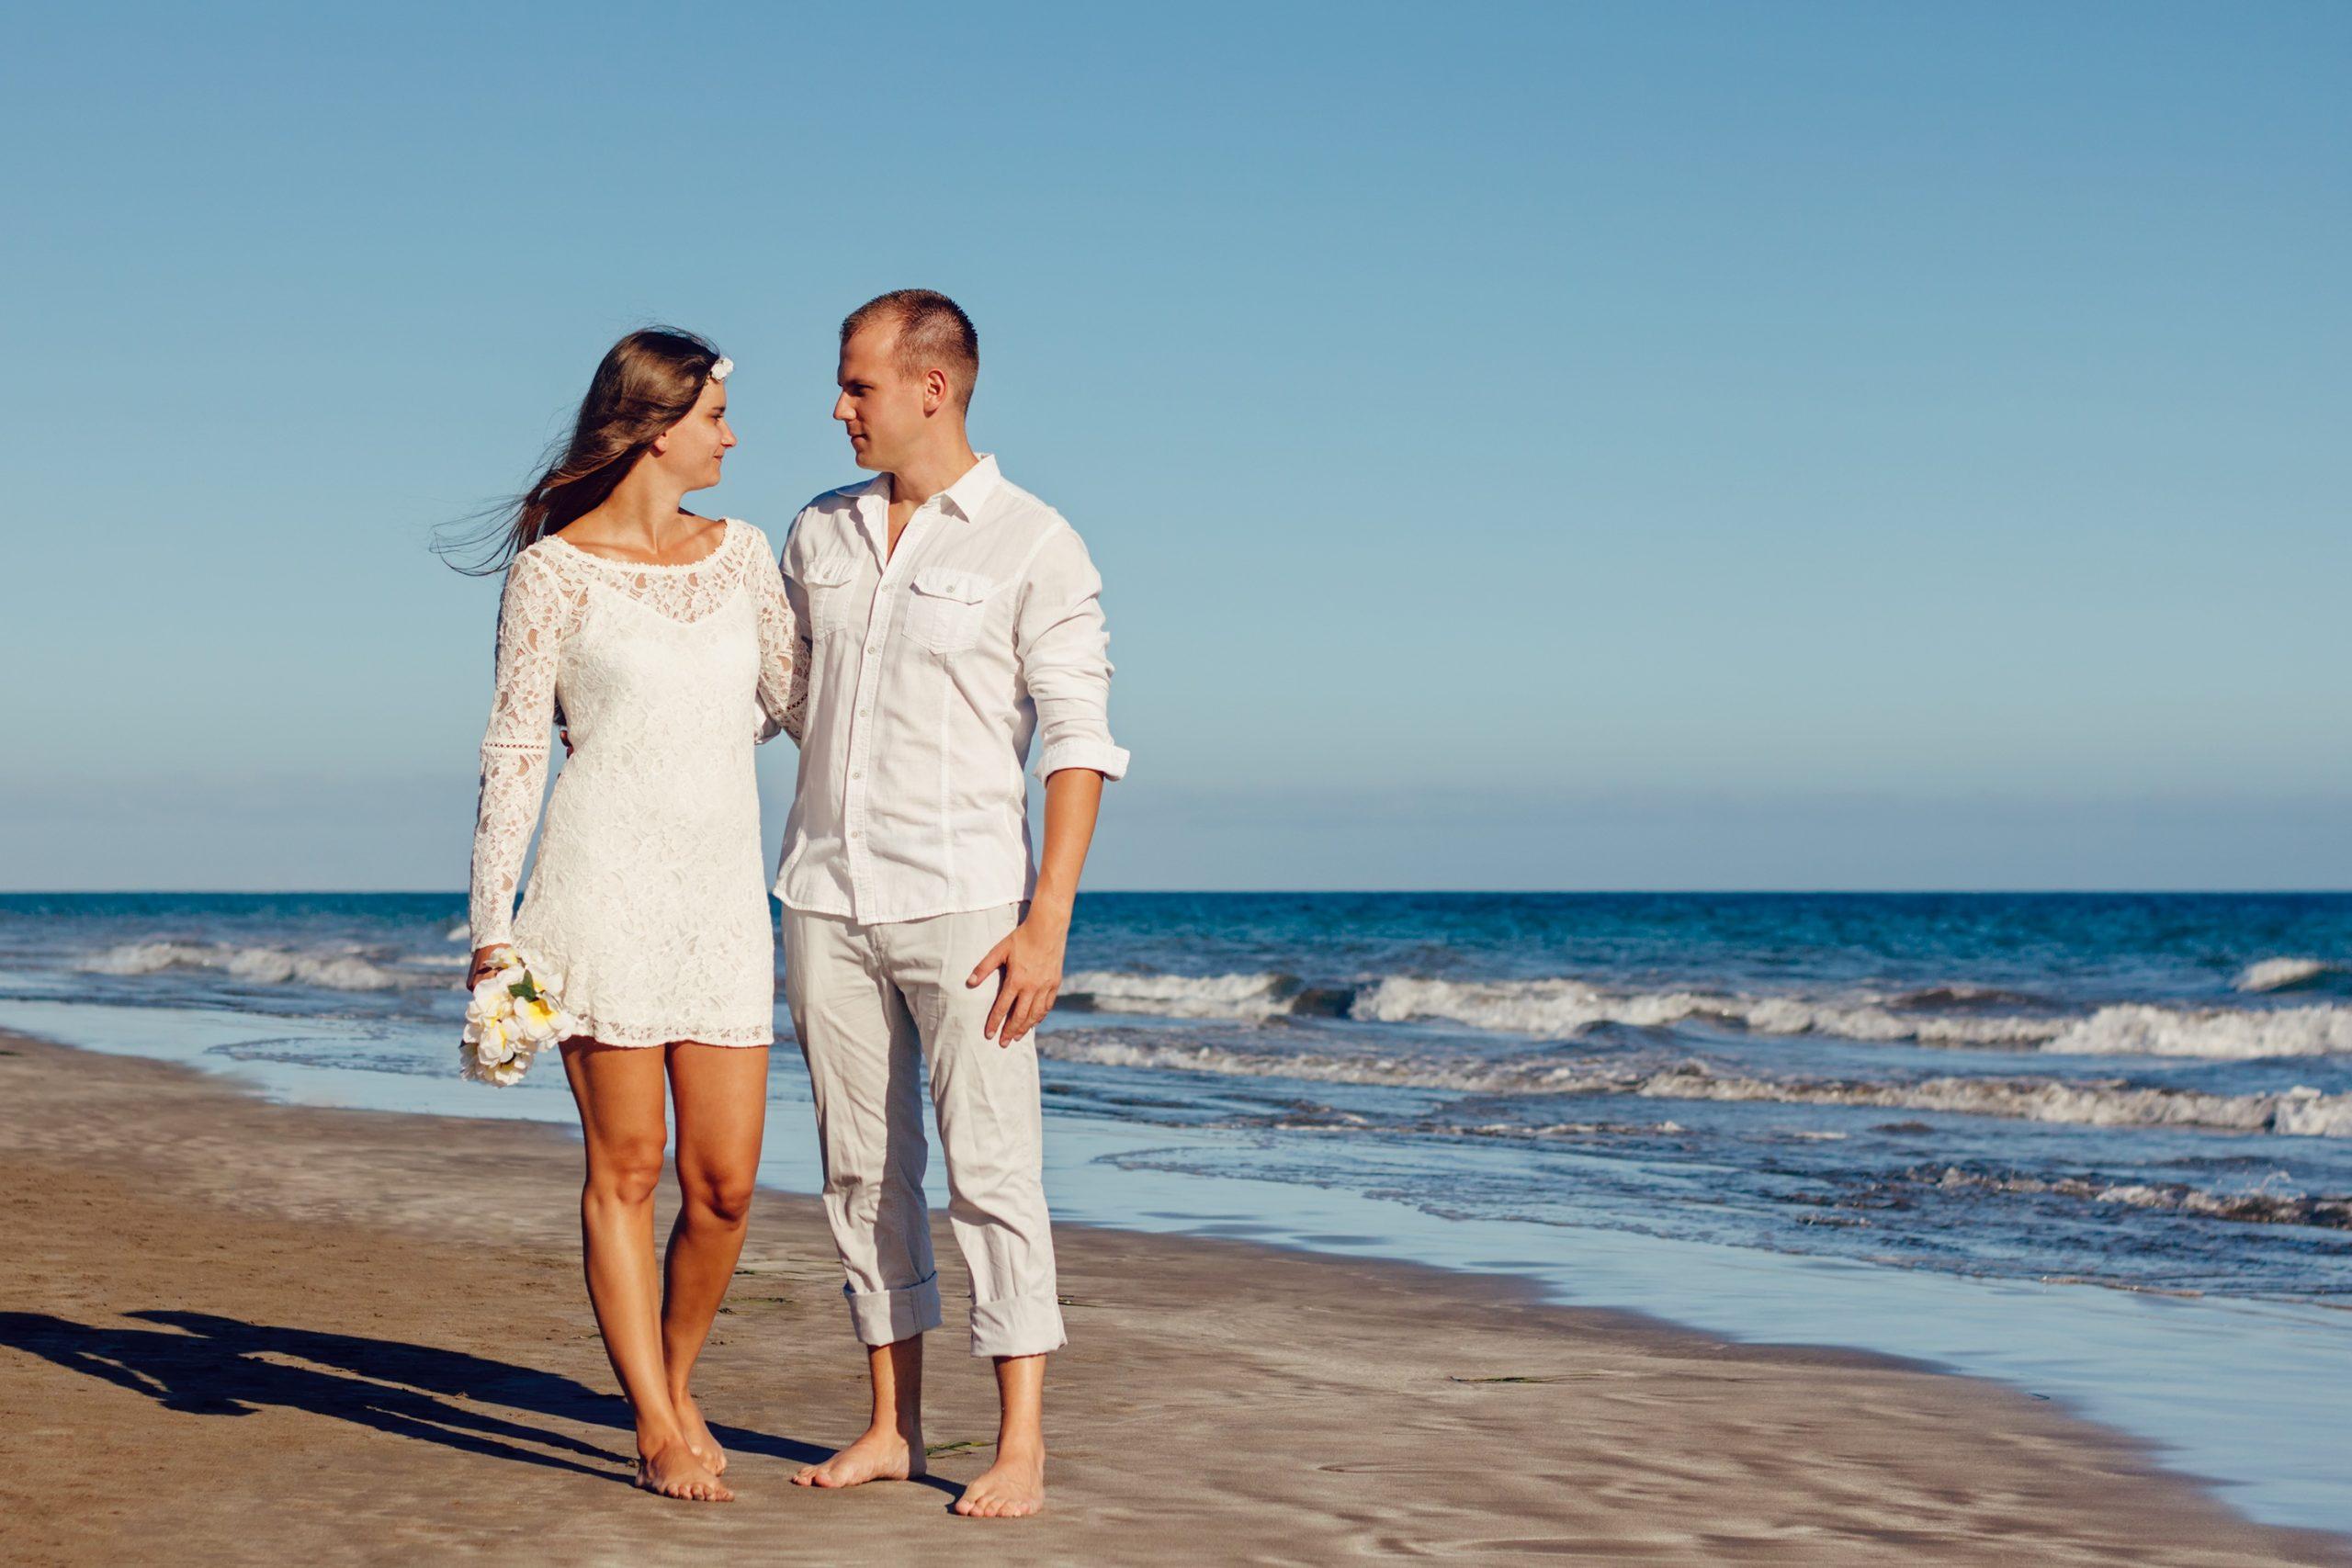 wedding, beach, young couple